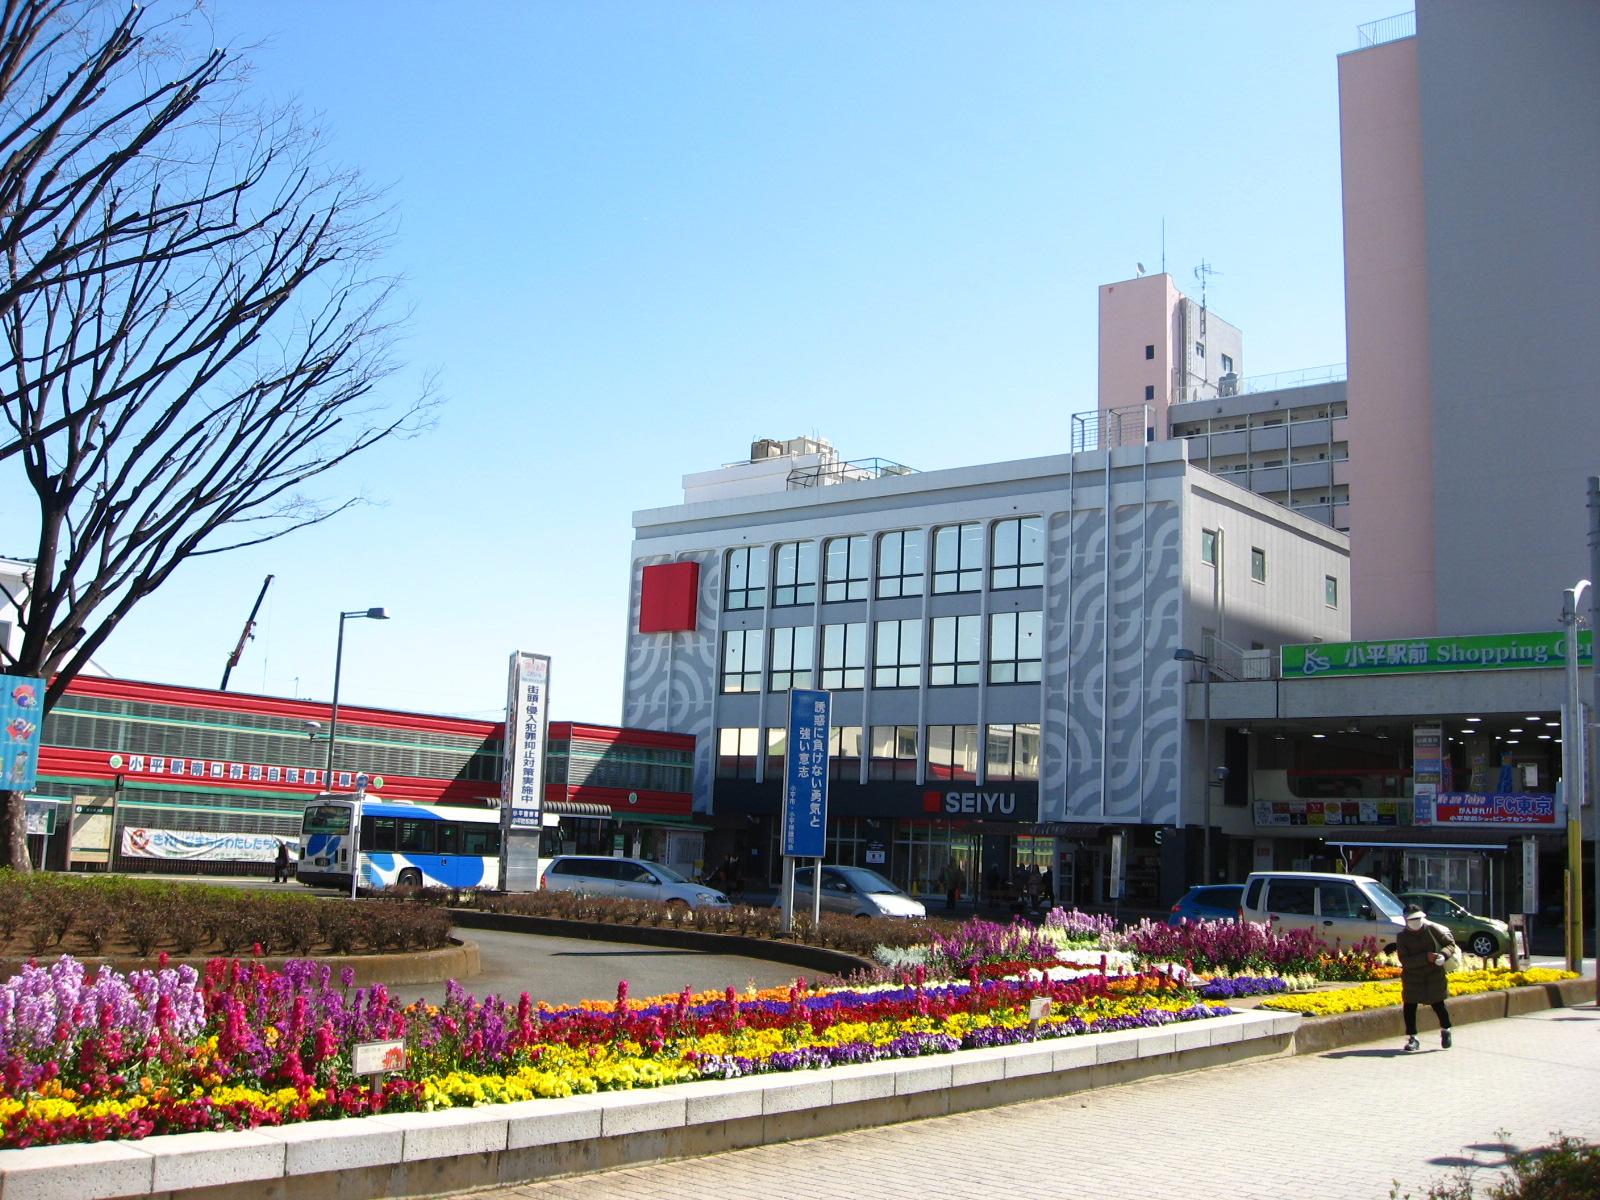 スーパー 西友小平店(スーパー)まで224m